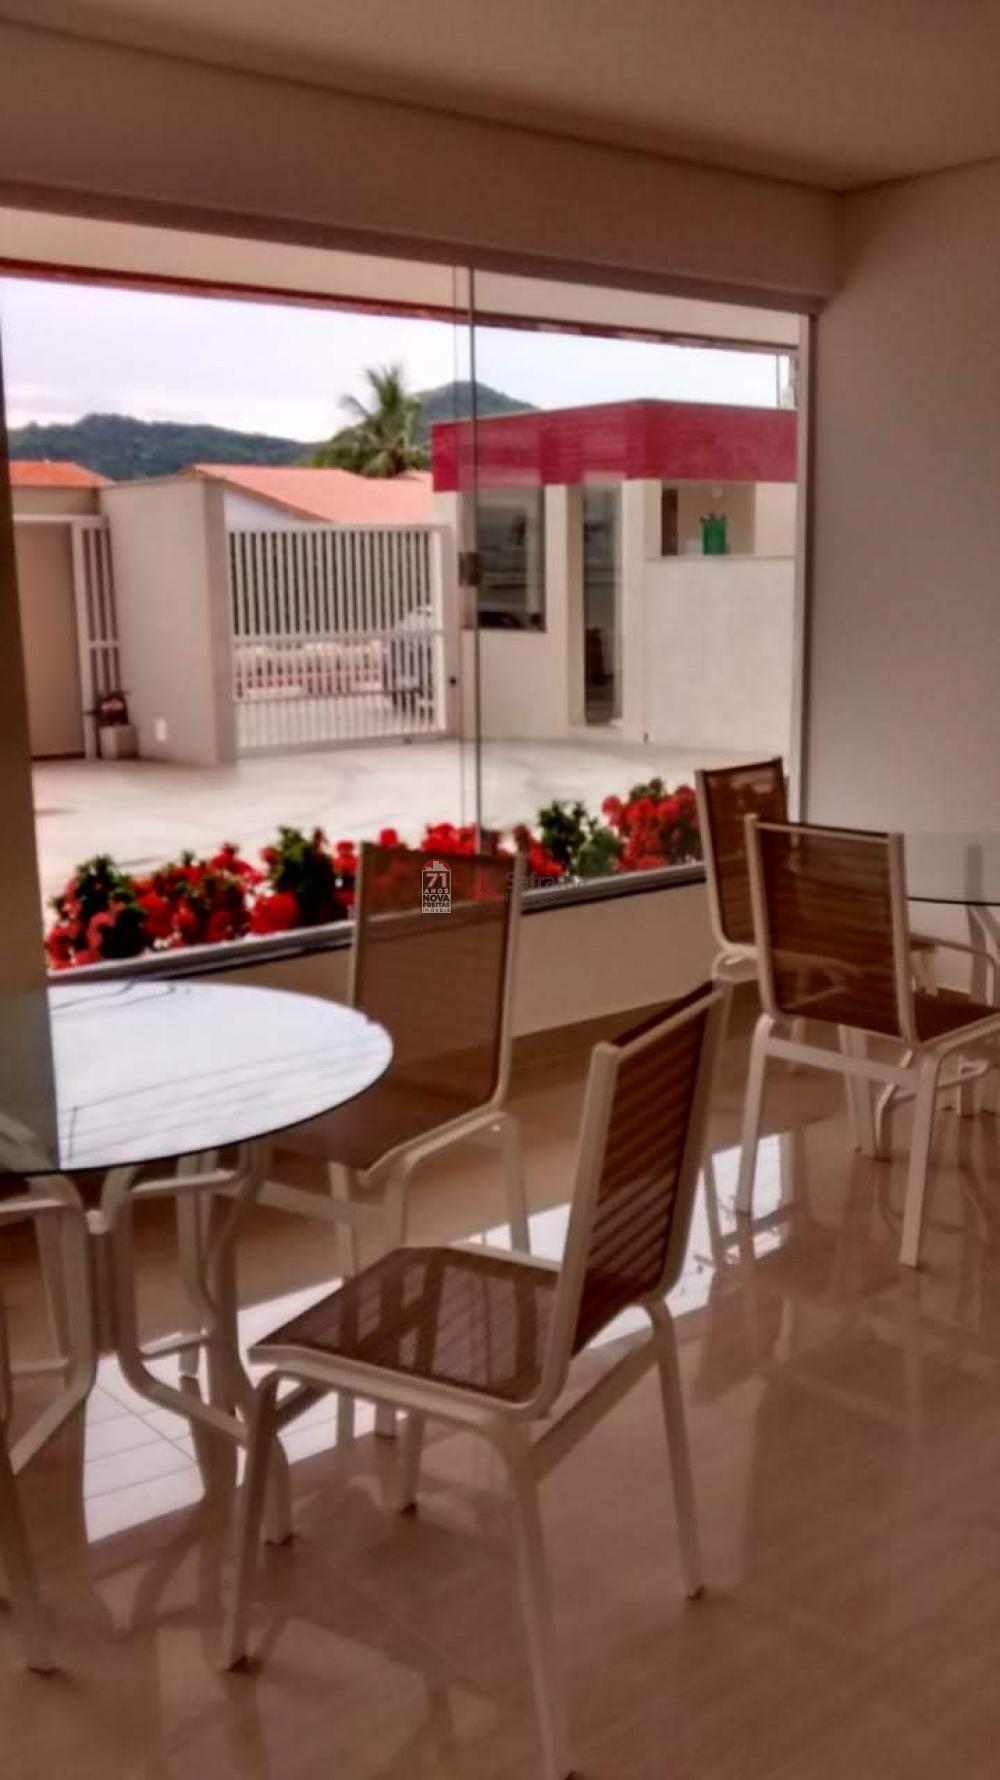 Comprar Apartamento / Padrão em Caraguatatuba apenas R$ 450.000,00 - Foto 10